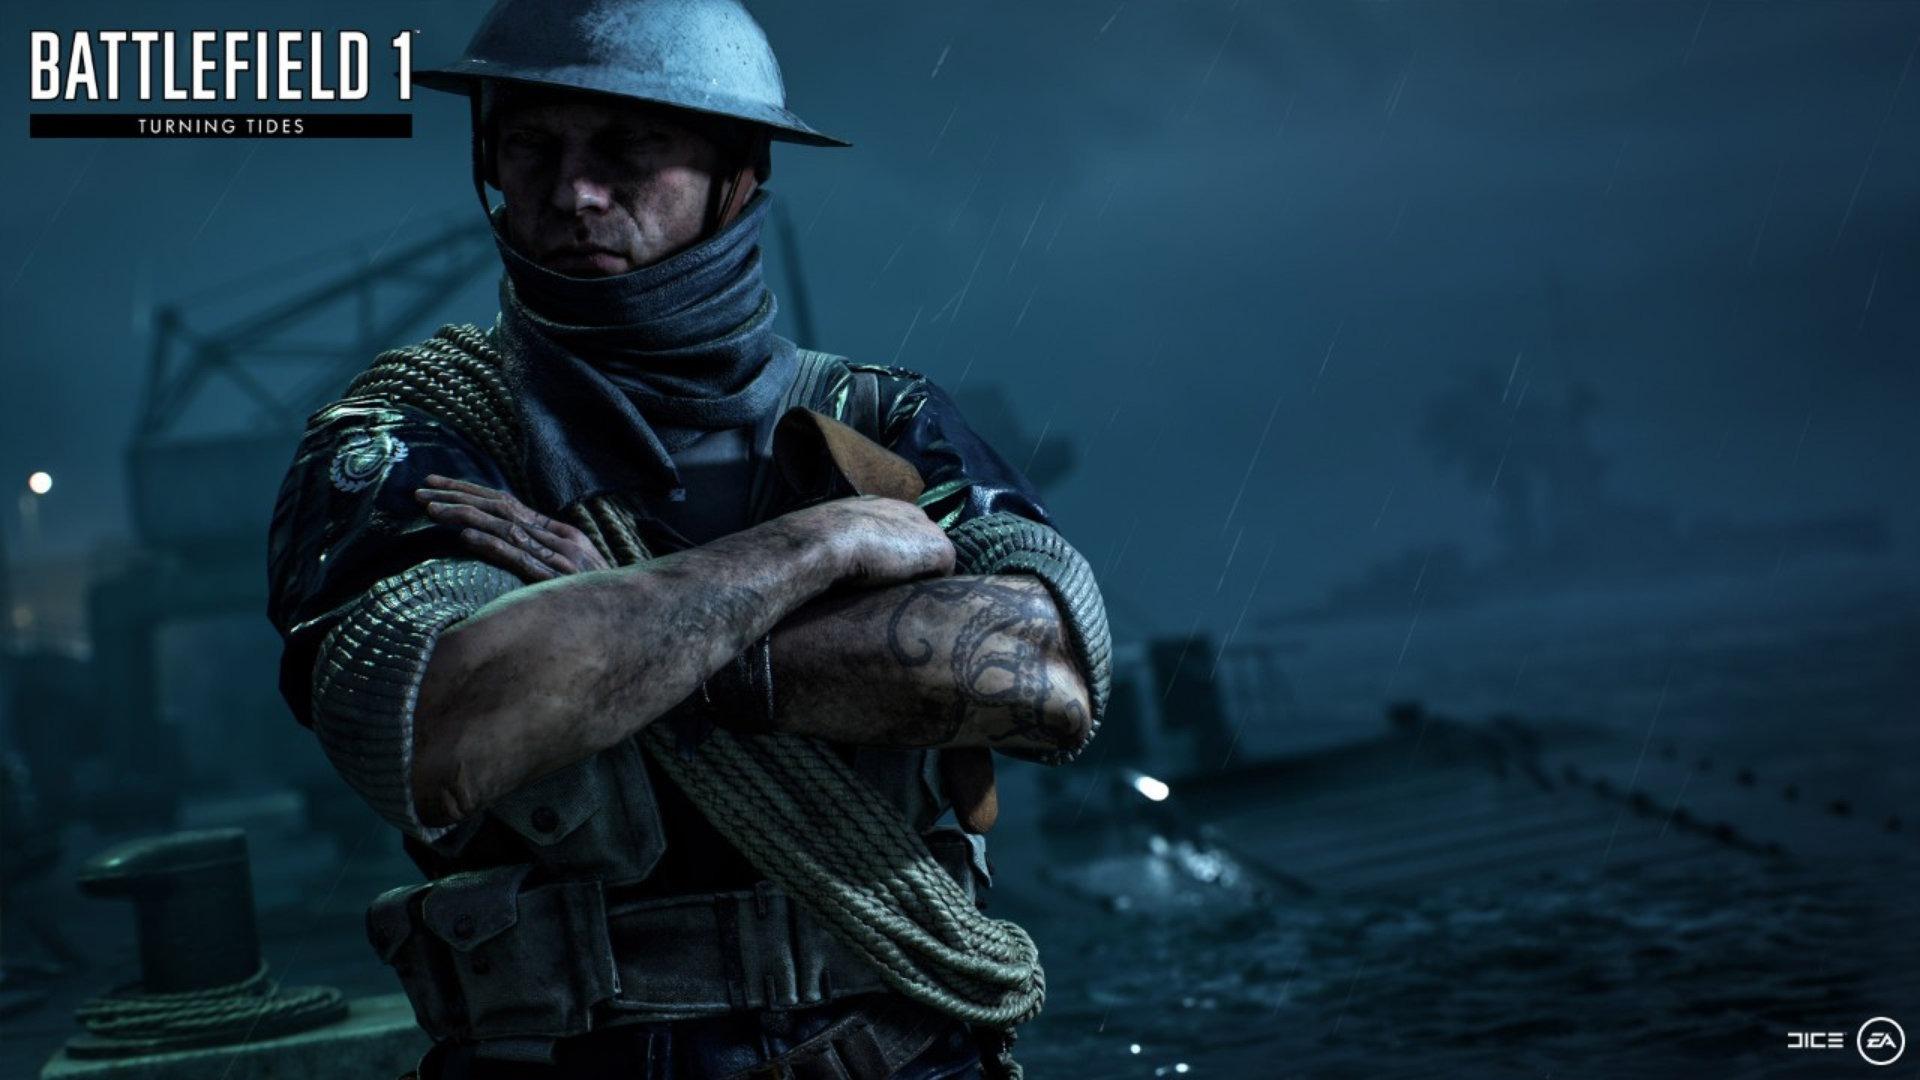 Un fin de semana a puro Battlefield: entregan expansiones totalmente gratis